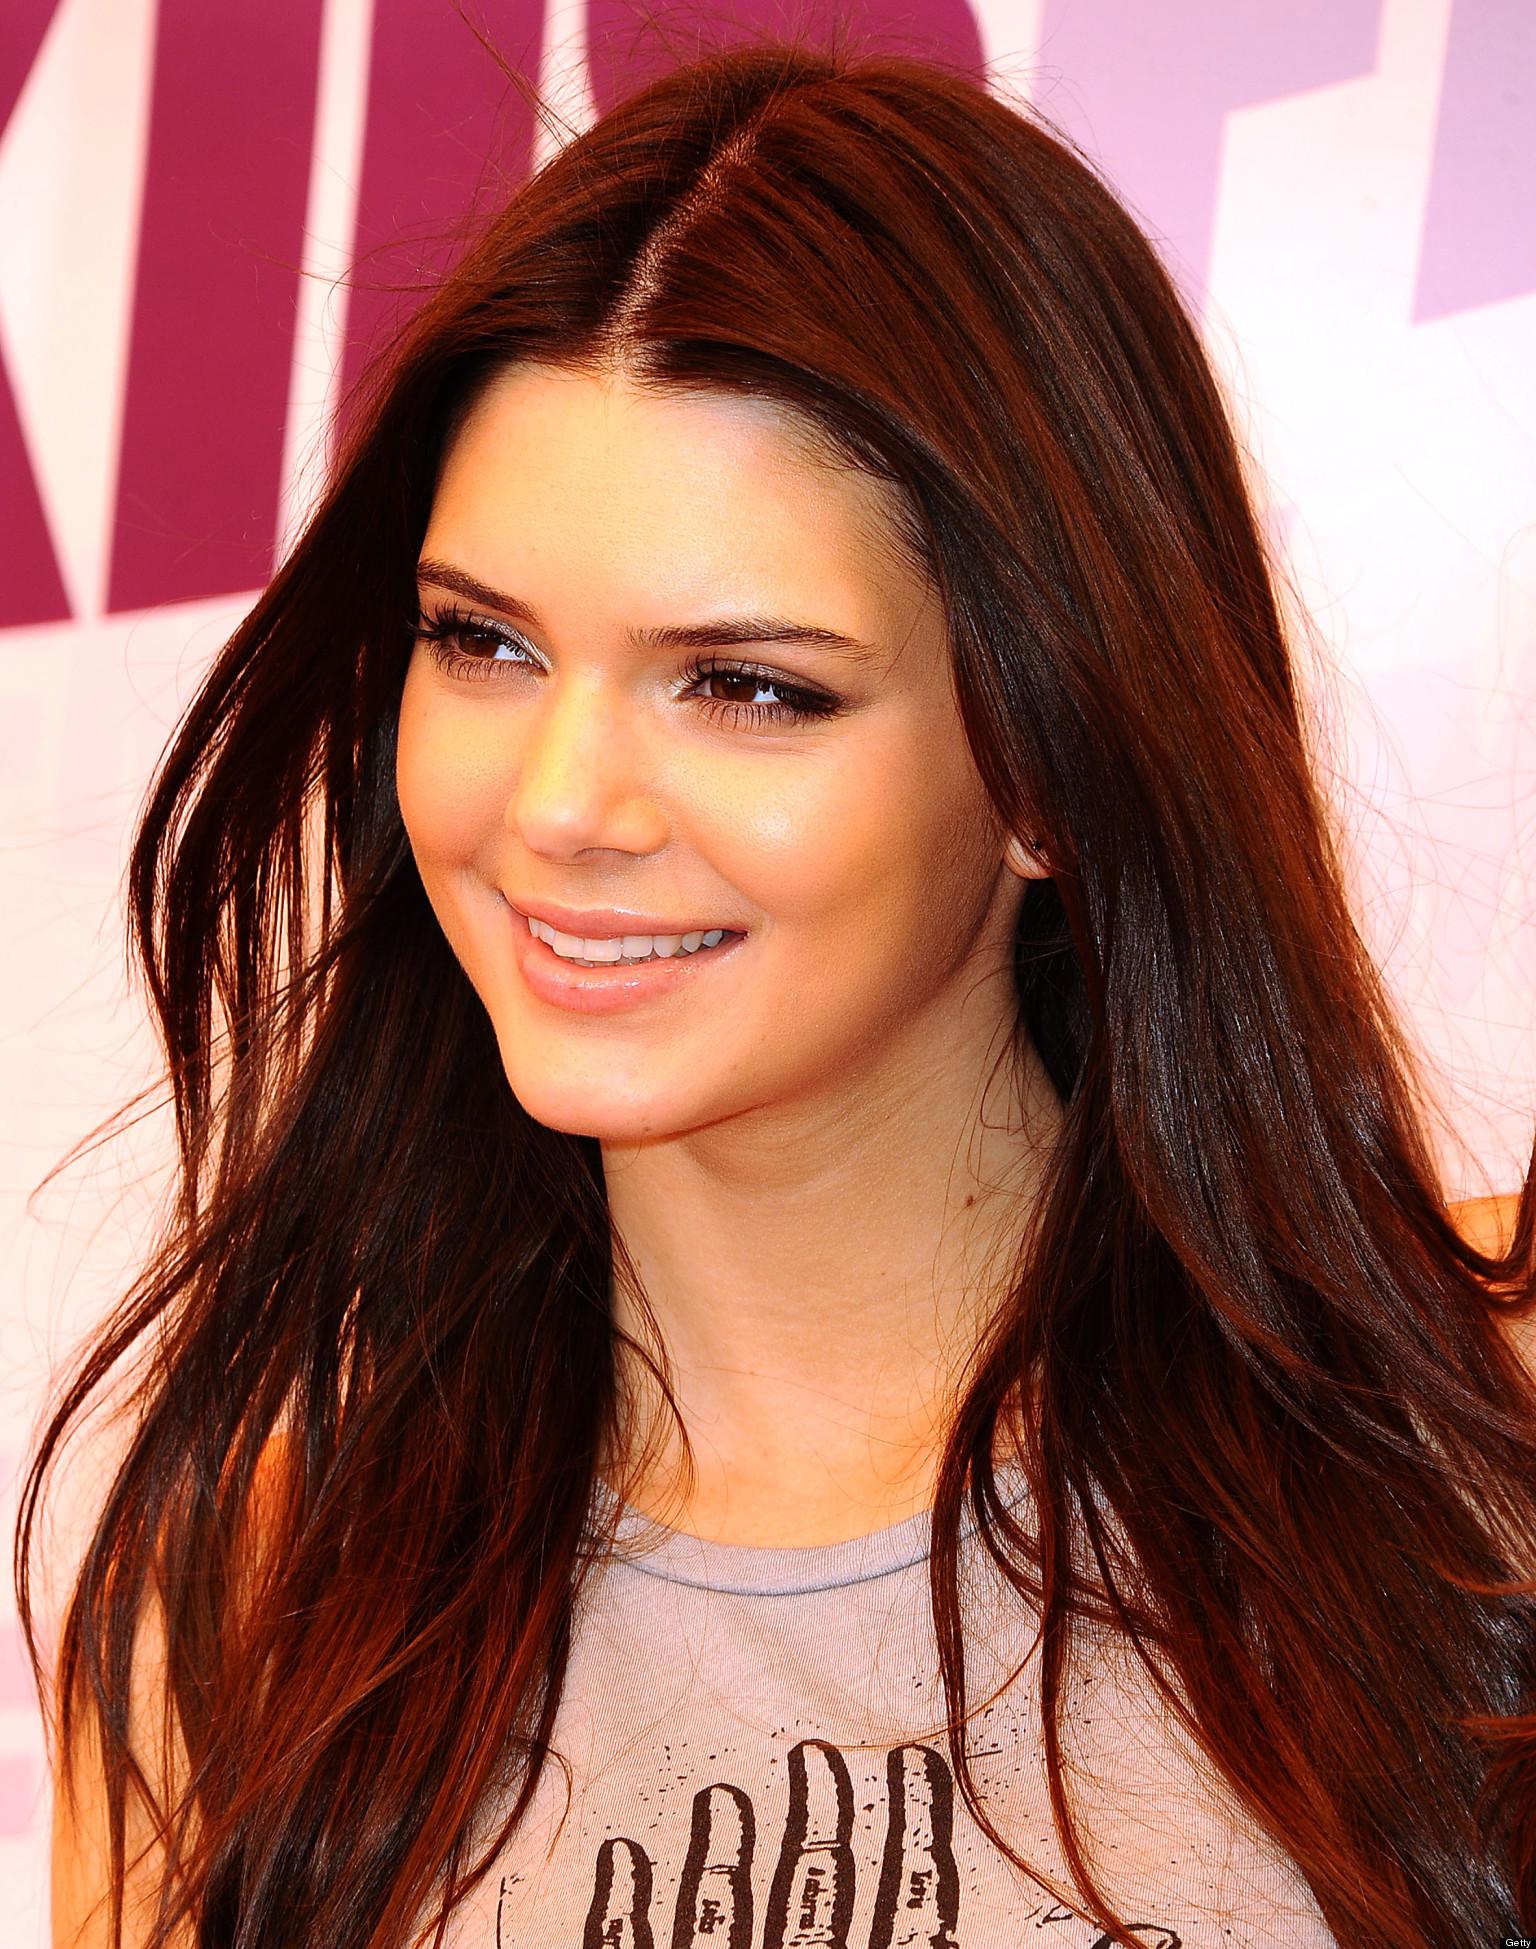 Kylie Jenner Body 2014